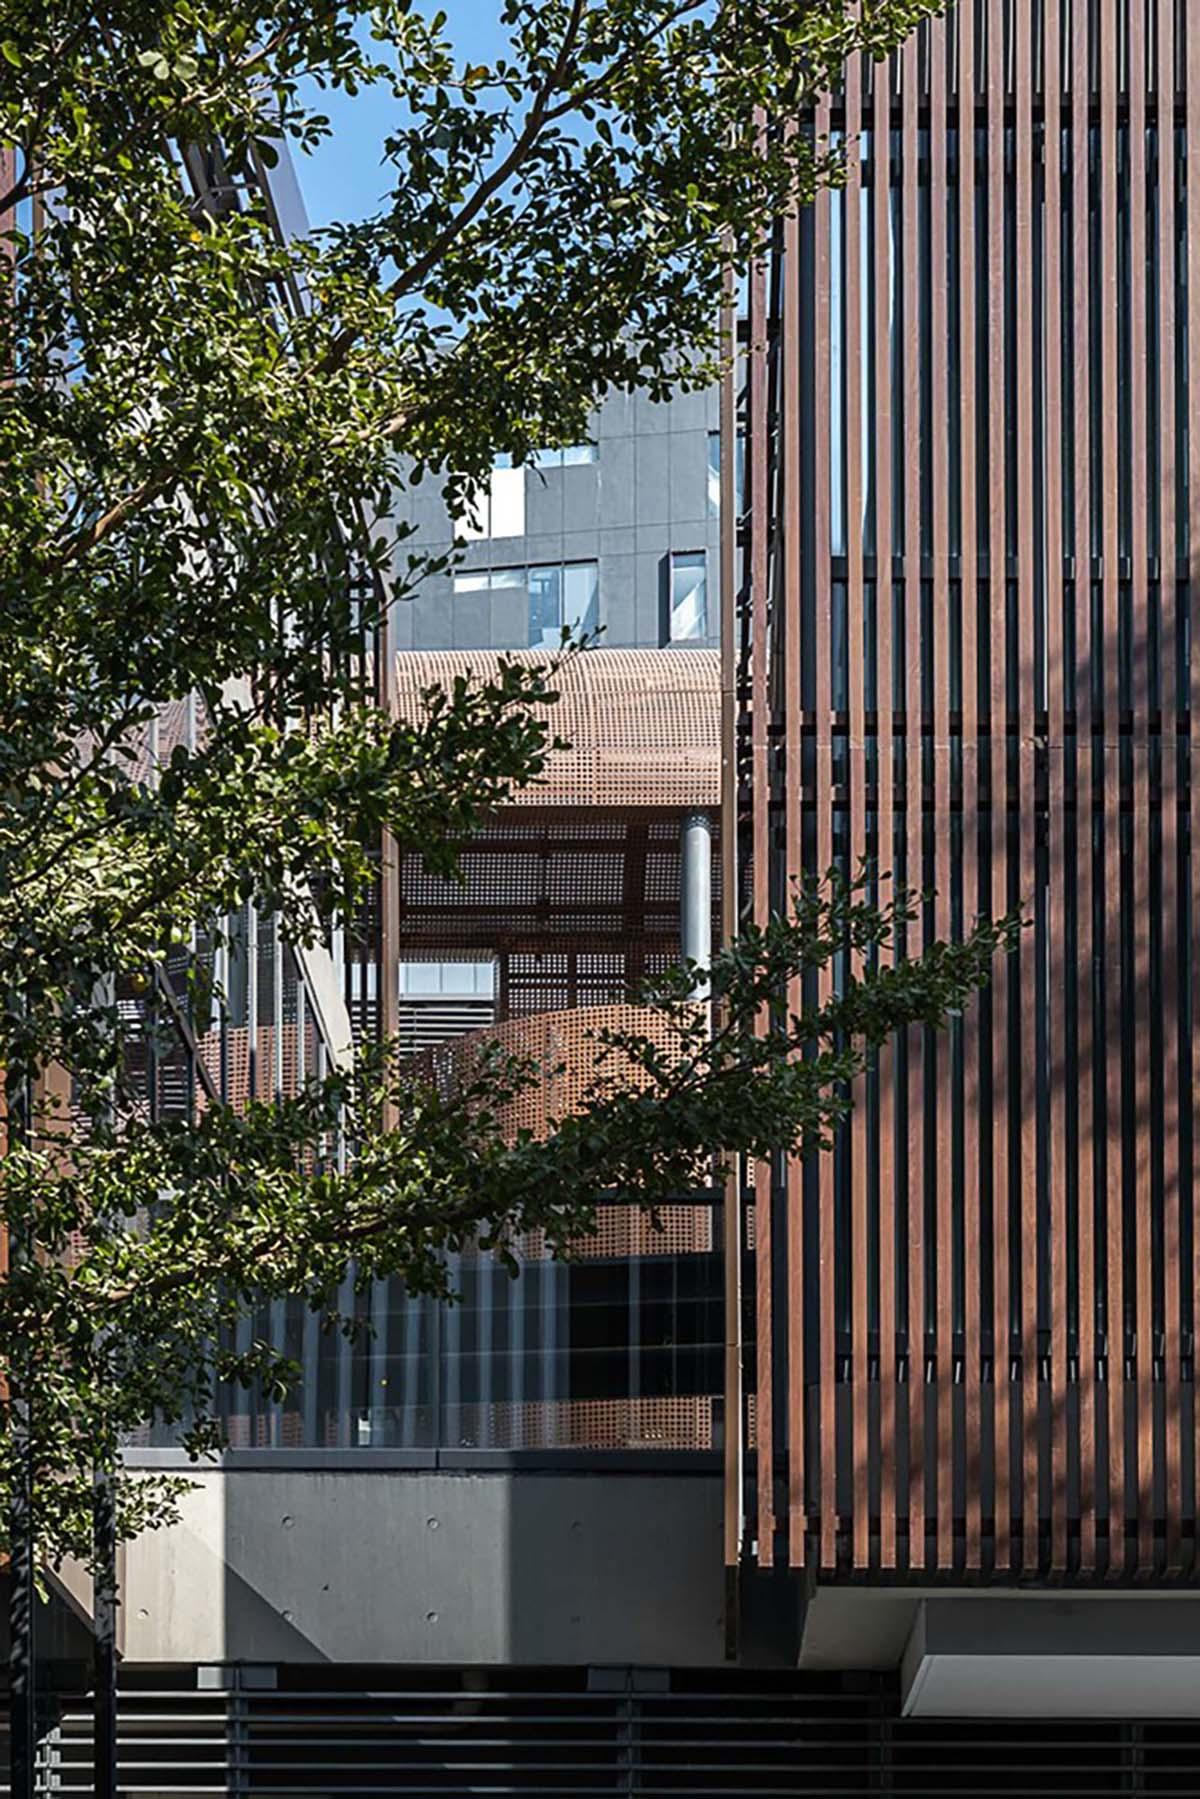 Kiến Việt - Trung tâm thiết kế nghệ thuật quốc tế Thâm Quyến